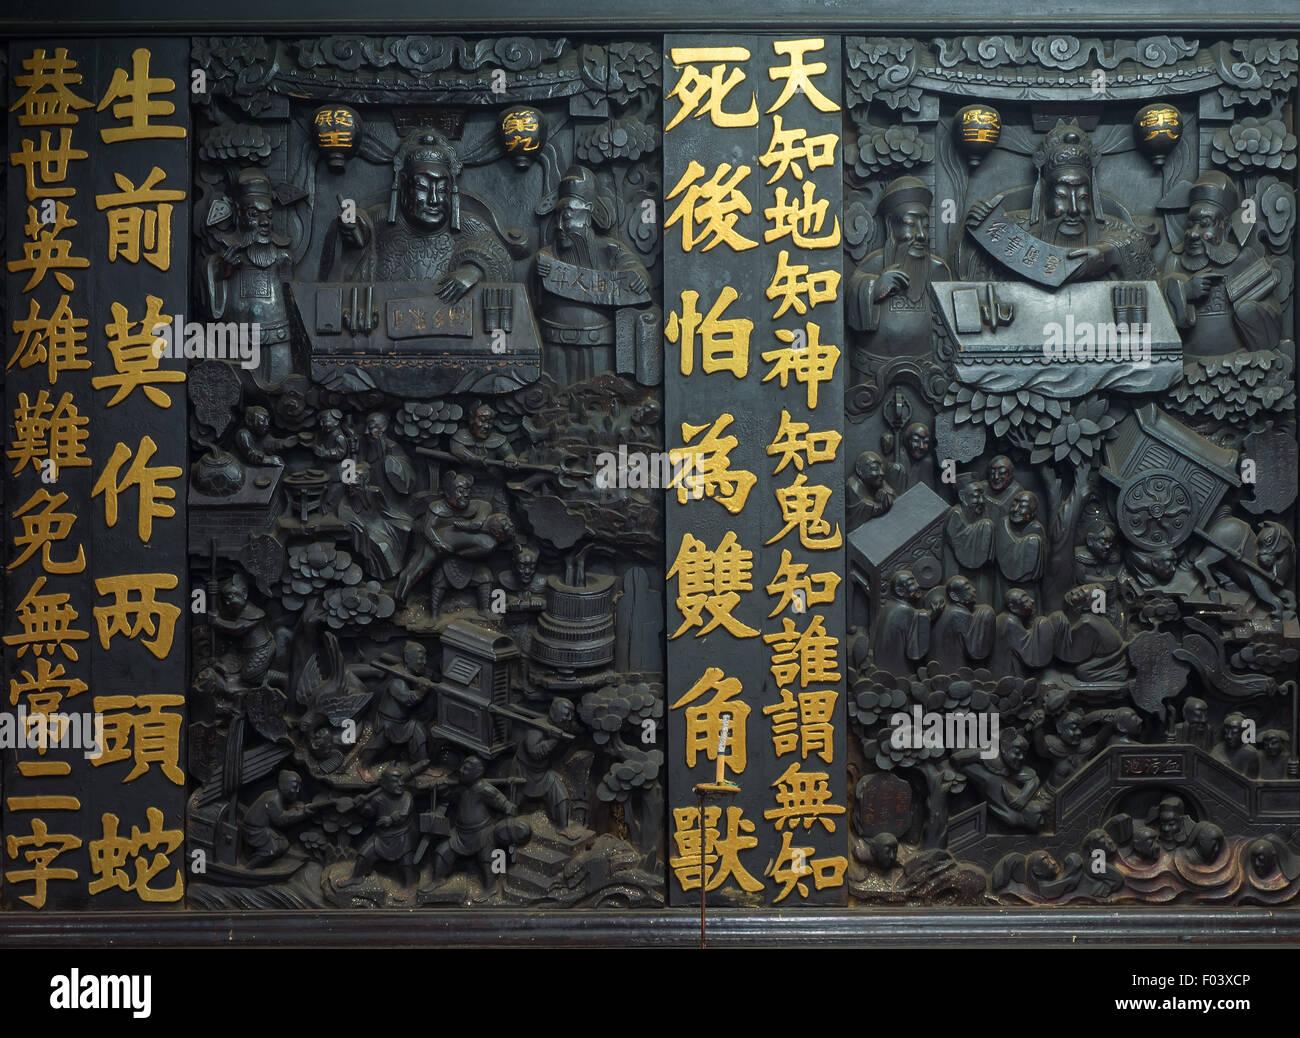 Wood carvings at Emperor Jade Pagoda (Chua Ngoc Hoang or Phuoc Hai Tu) Saigon Vietnam - Stock Image